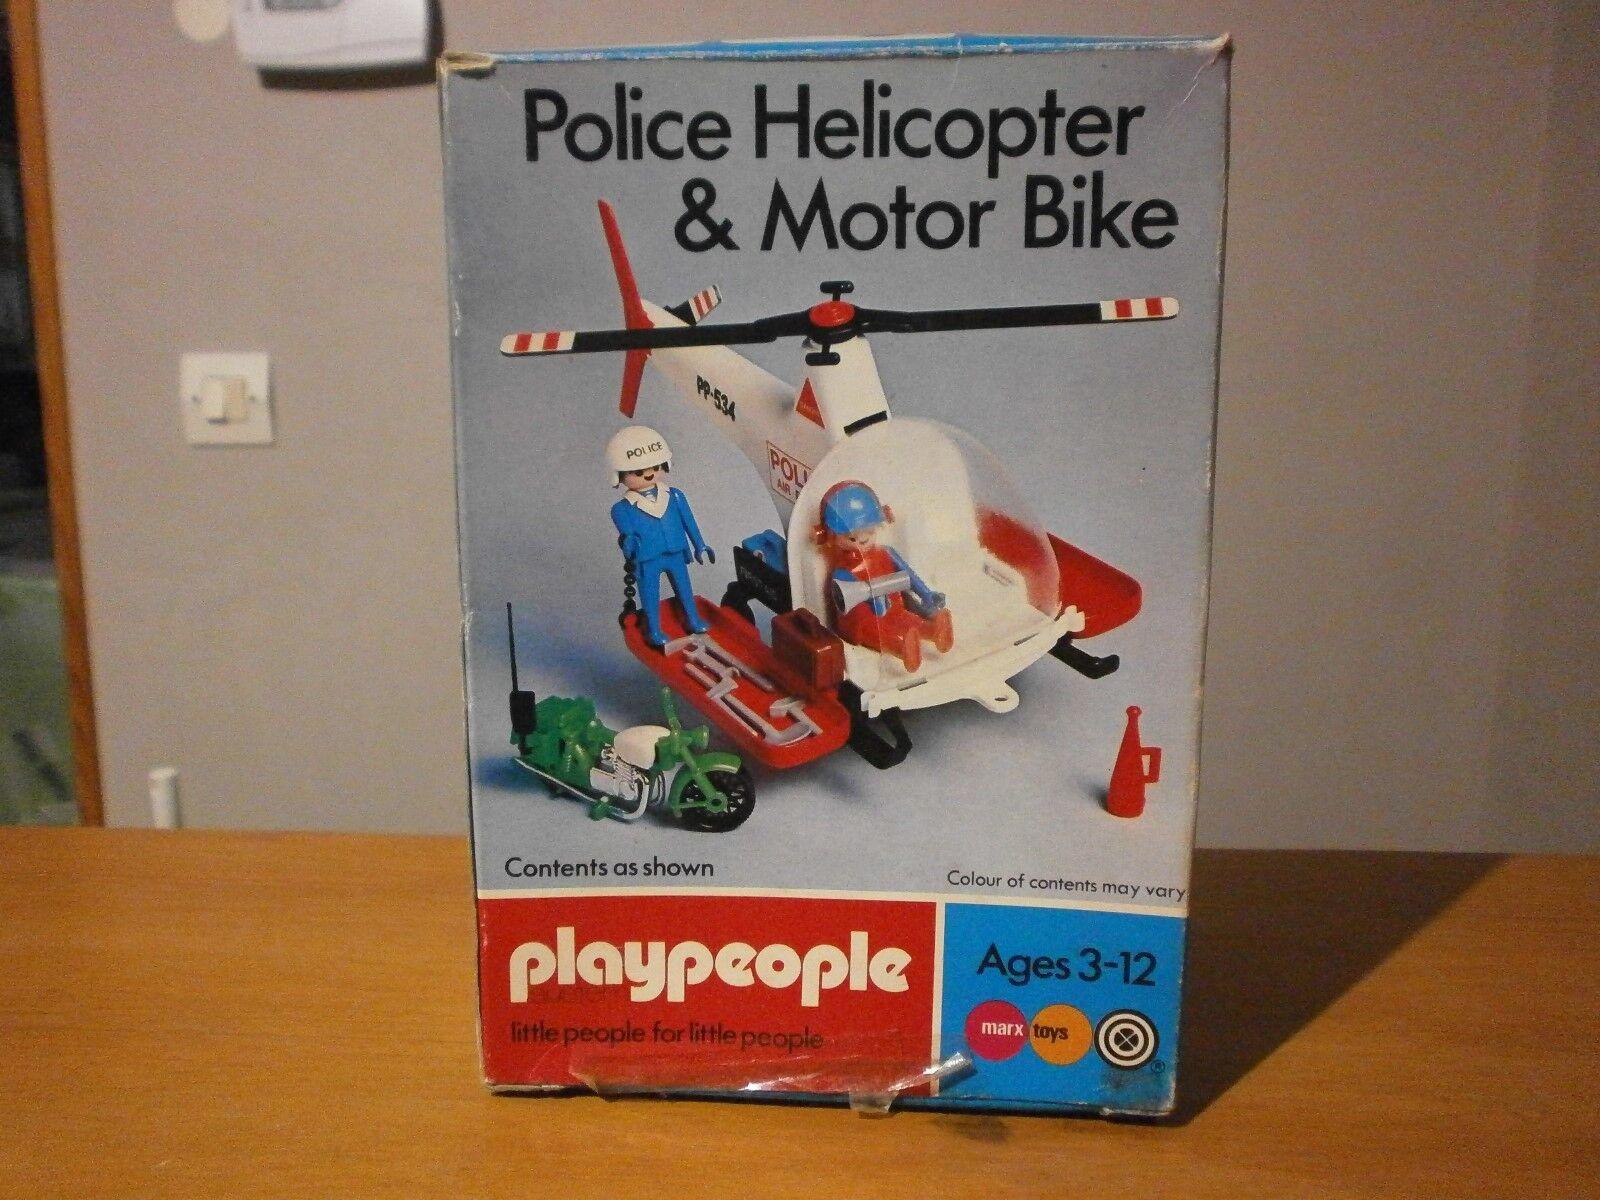 Très rare boîte Playmobil Playpeople l'hélicoptère de police réf  1765 de 1977  acheter une marque